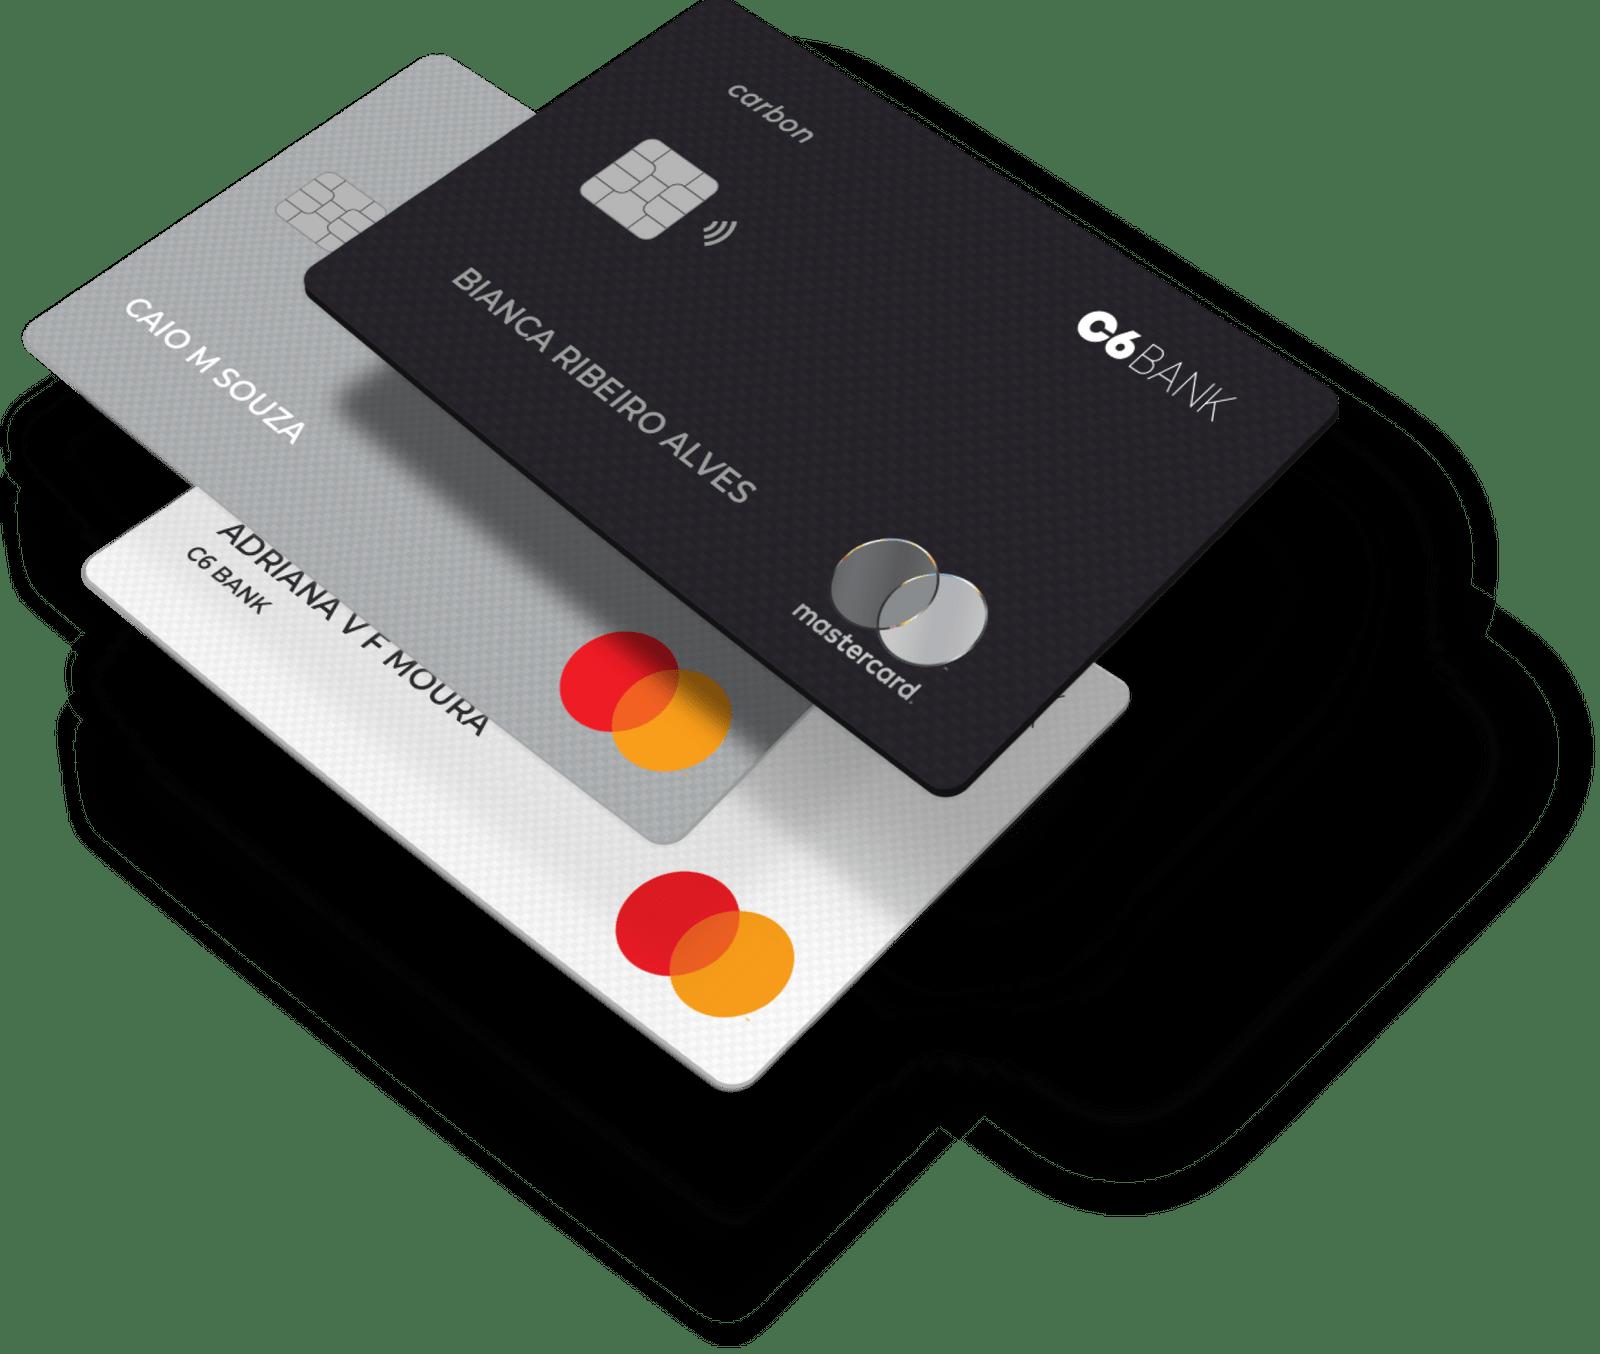 CC25CF23-253C-425F-9B9F-E78981125EE5 C6 Bank será o próximo banco digital que chegará ao mercado brasileiro